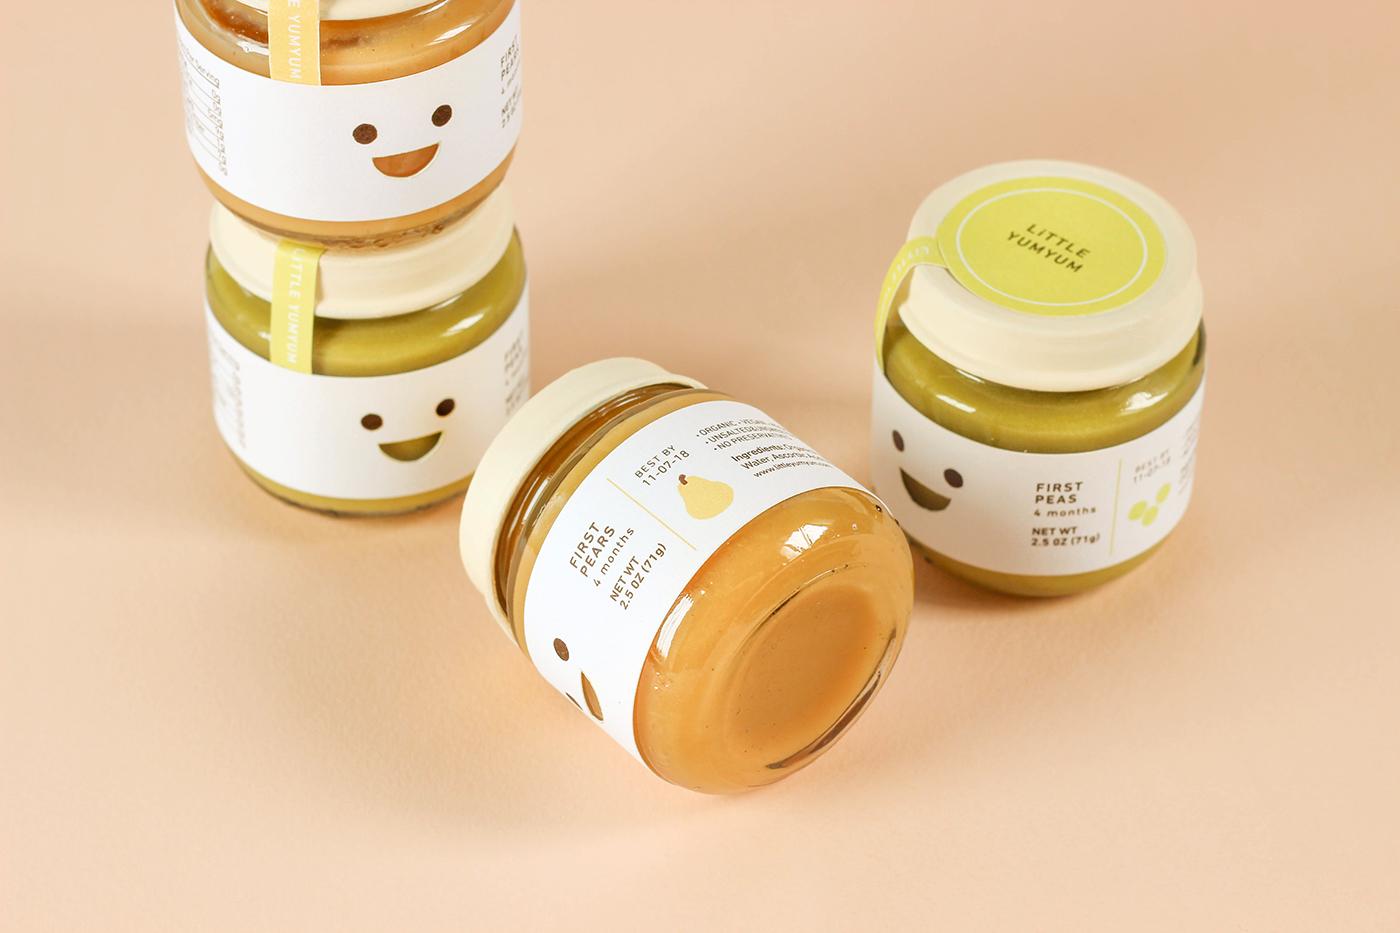 repackaging risd RISD Graphic Design aki nurosi baby food label design cute baby Pear peas